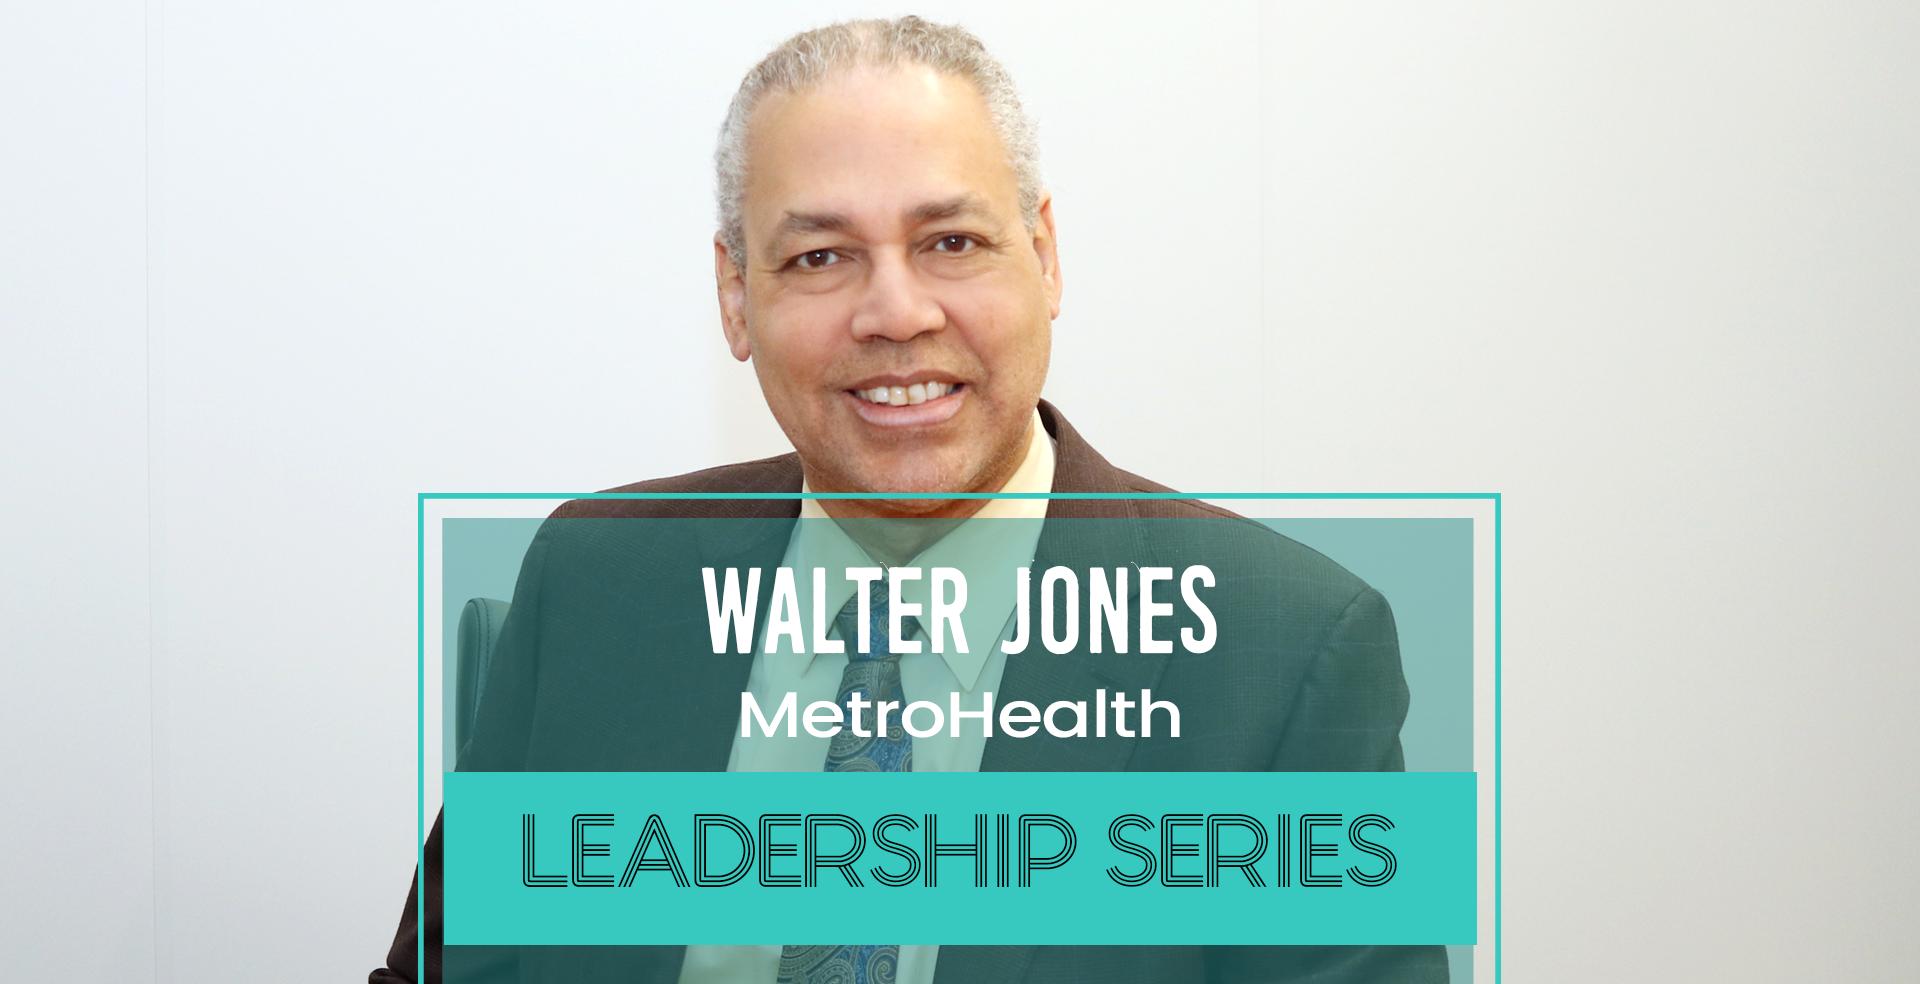 Walter-Jones-HealthSpaces1